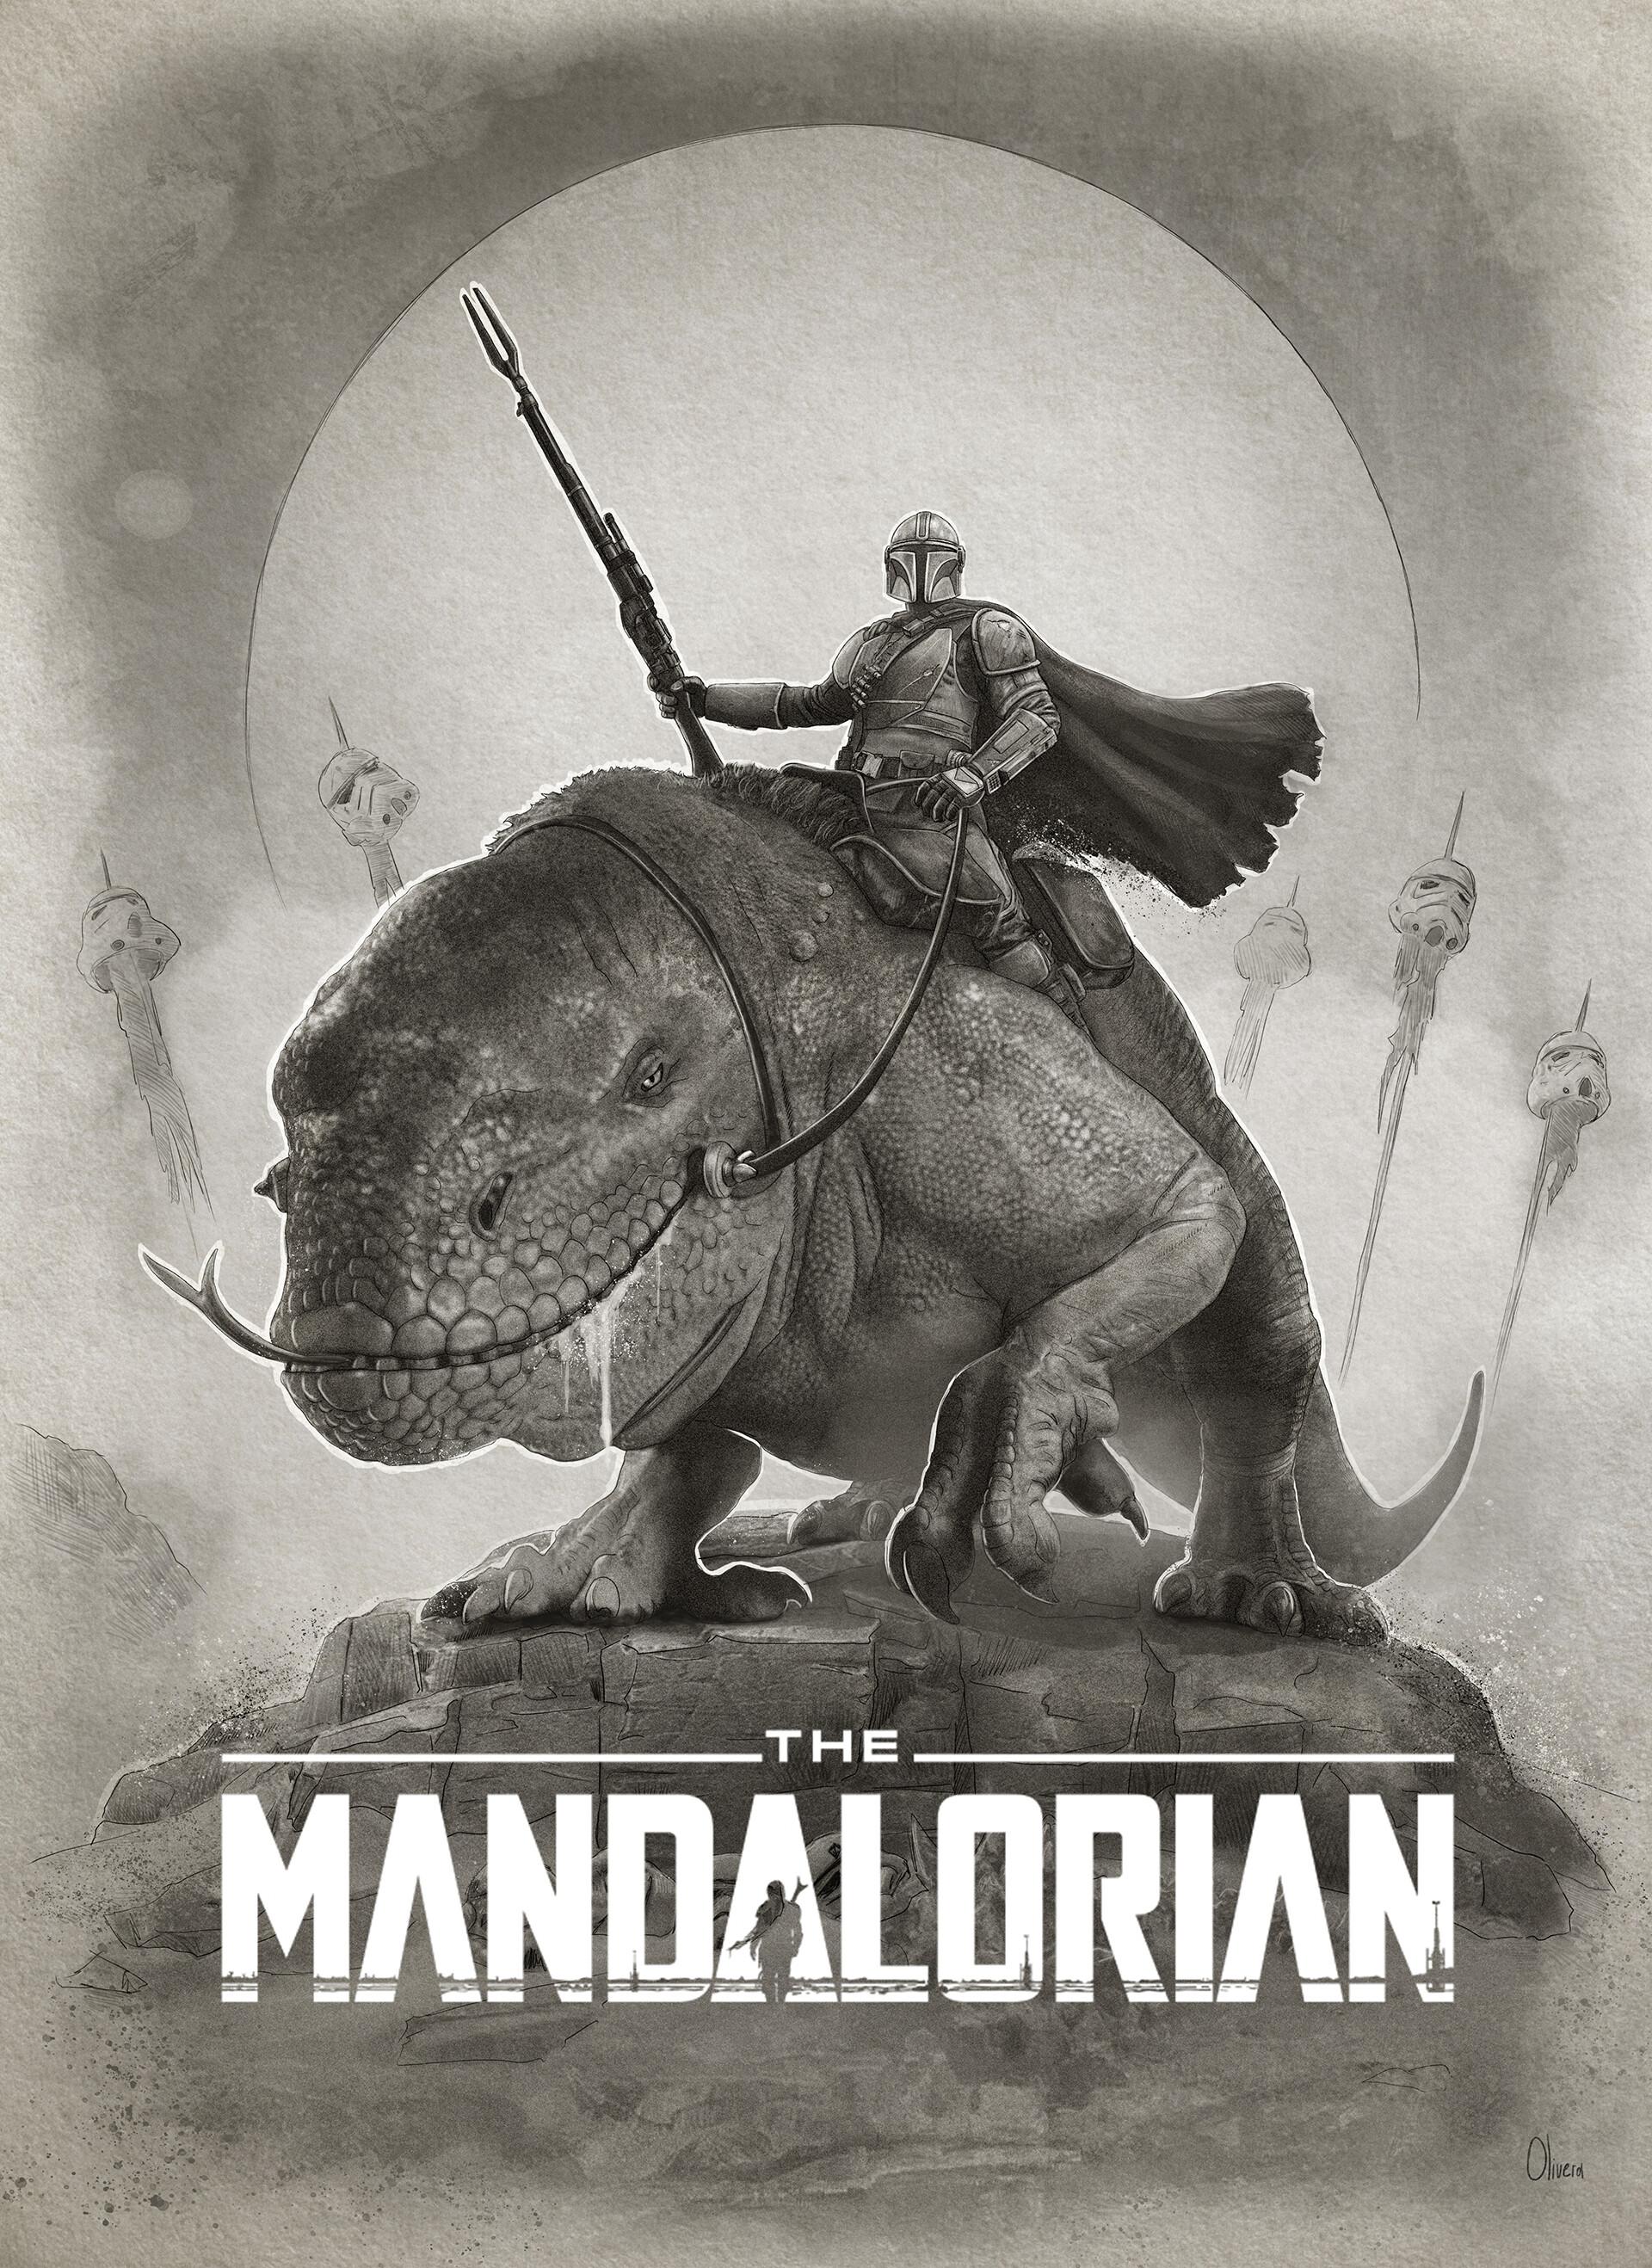 Pablo olivera star wars the mandalarian poster print v10 dibujo baja